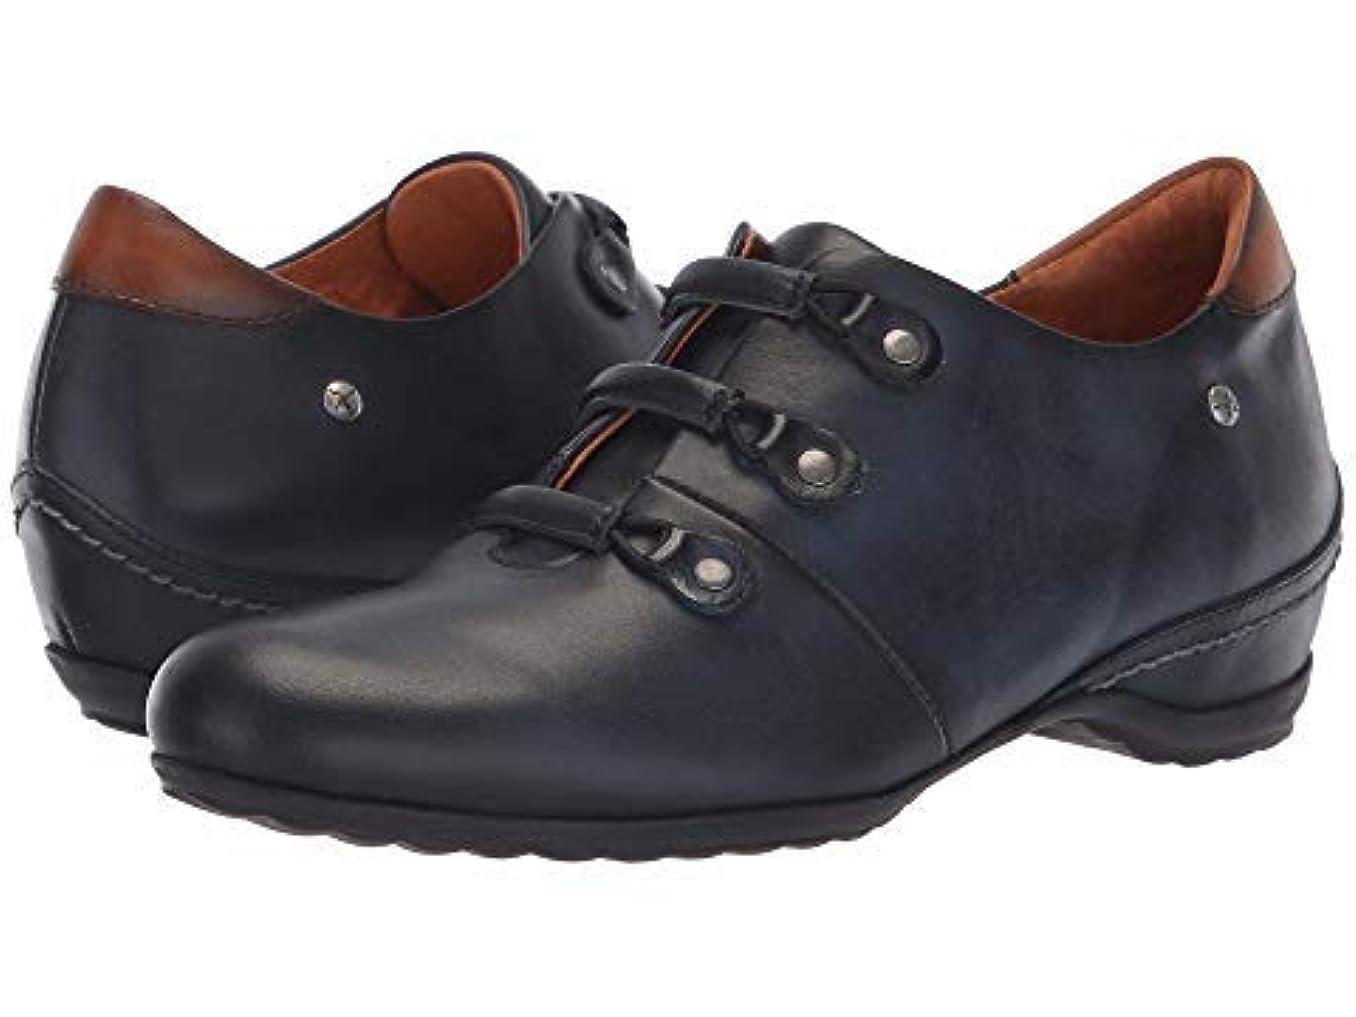 超越する工業用パイロットレディースレースアップ?オックスフォード?靴 Venezia 968-4754 Blue Brandy 37 (US Women's 6.5-7) B - Medium [並行輸入品]